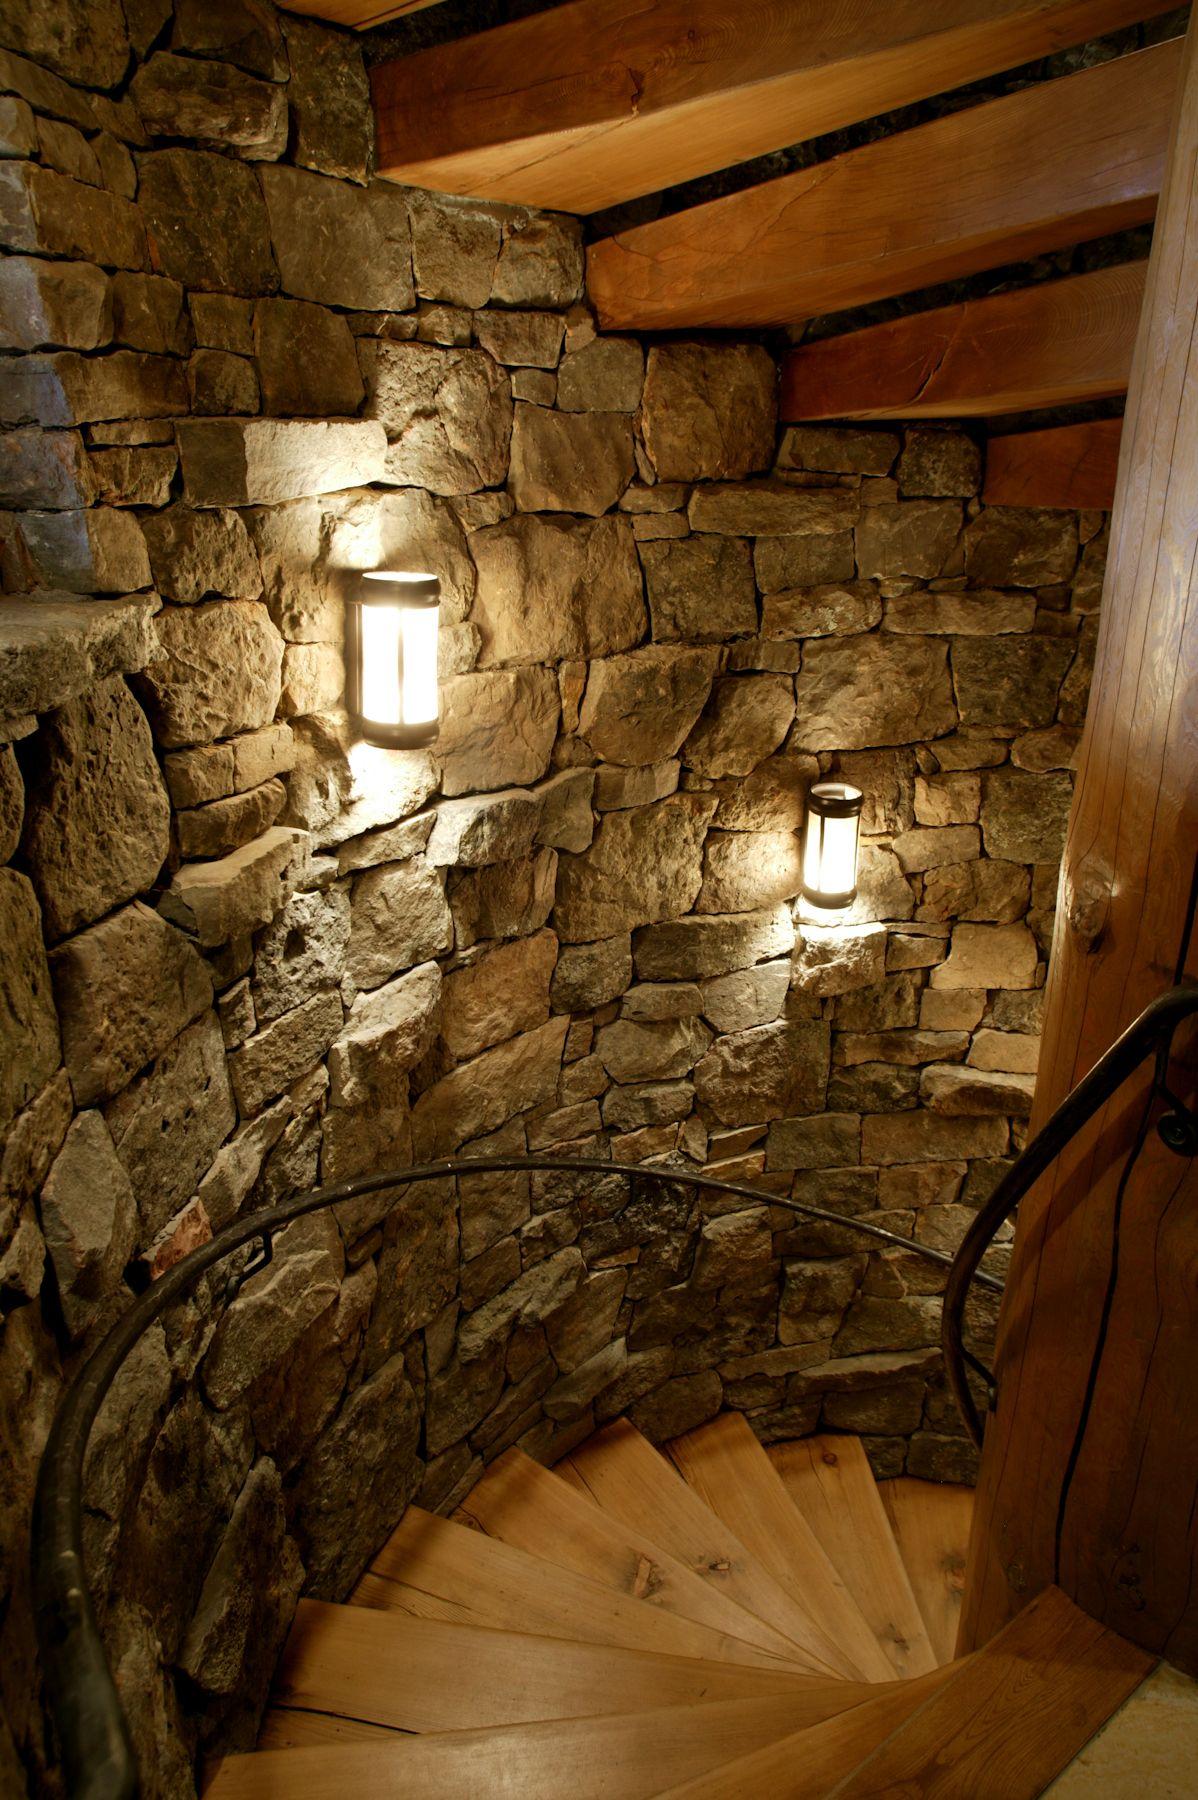 Küchendesign im freien love this stonework  cabin  pinterest